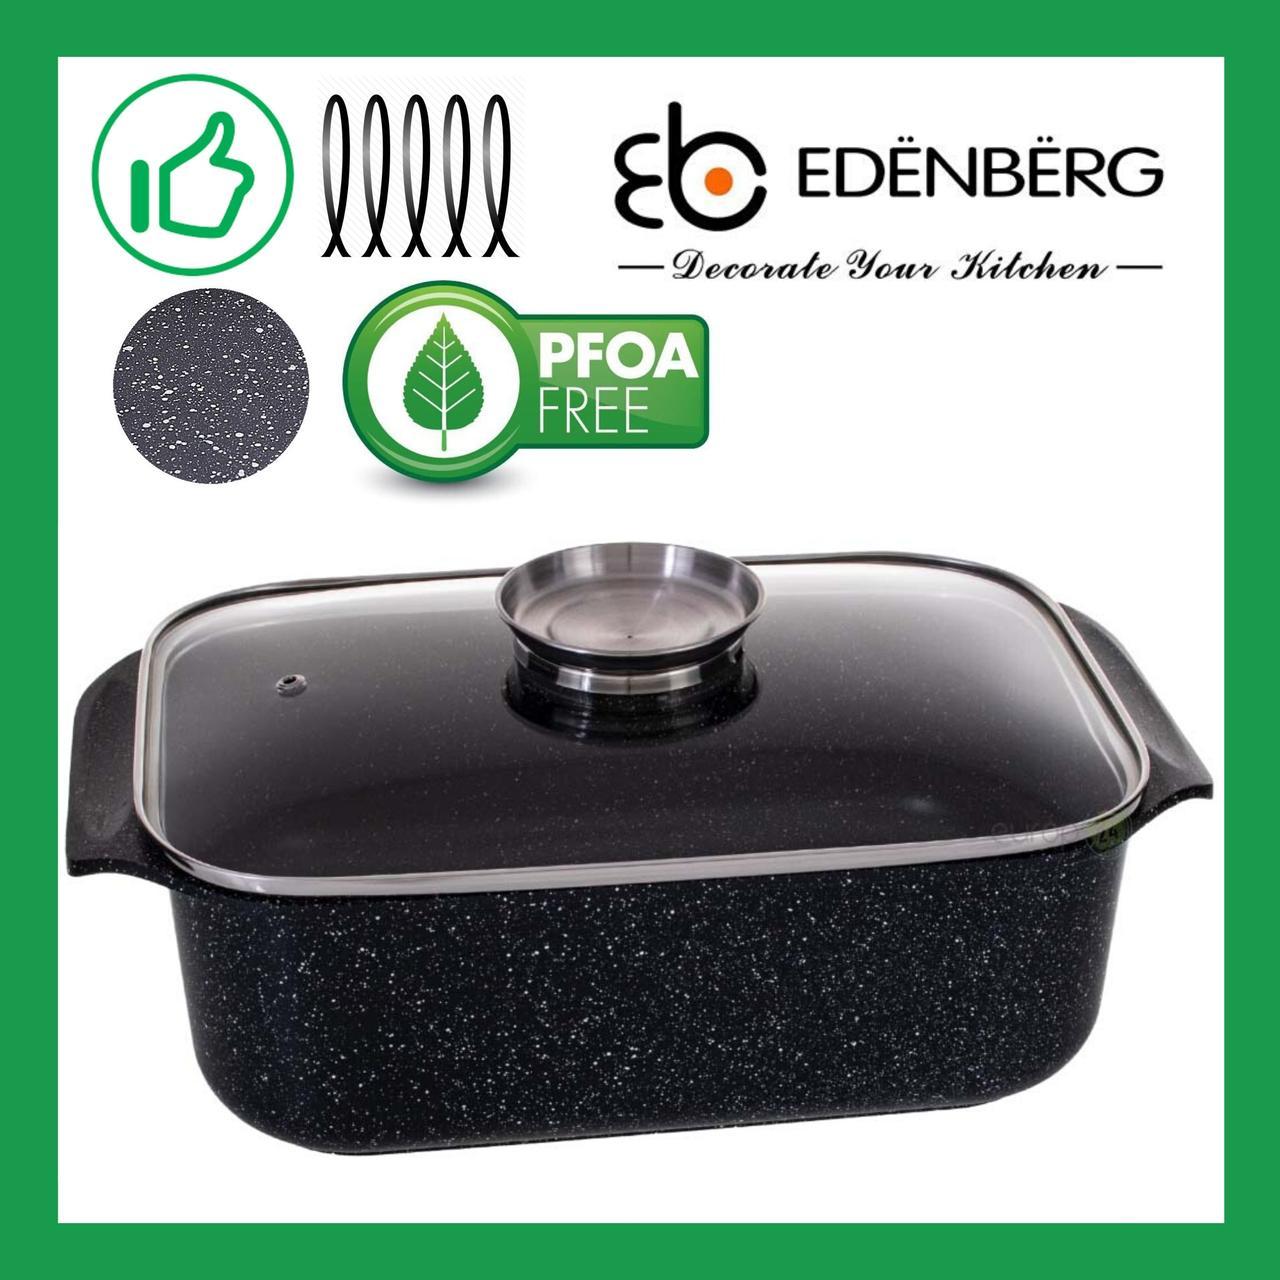 Гусятница литая антипригарная с крышкой Edenberg 6.5 л (EB-4608)